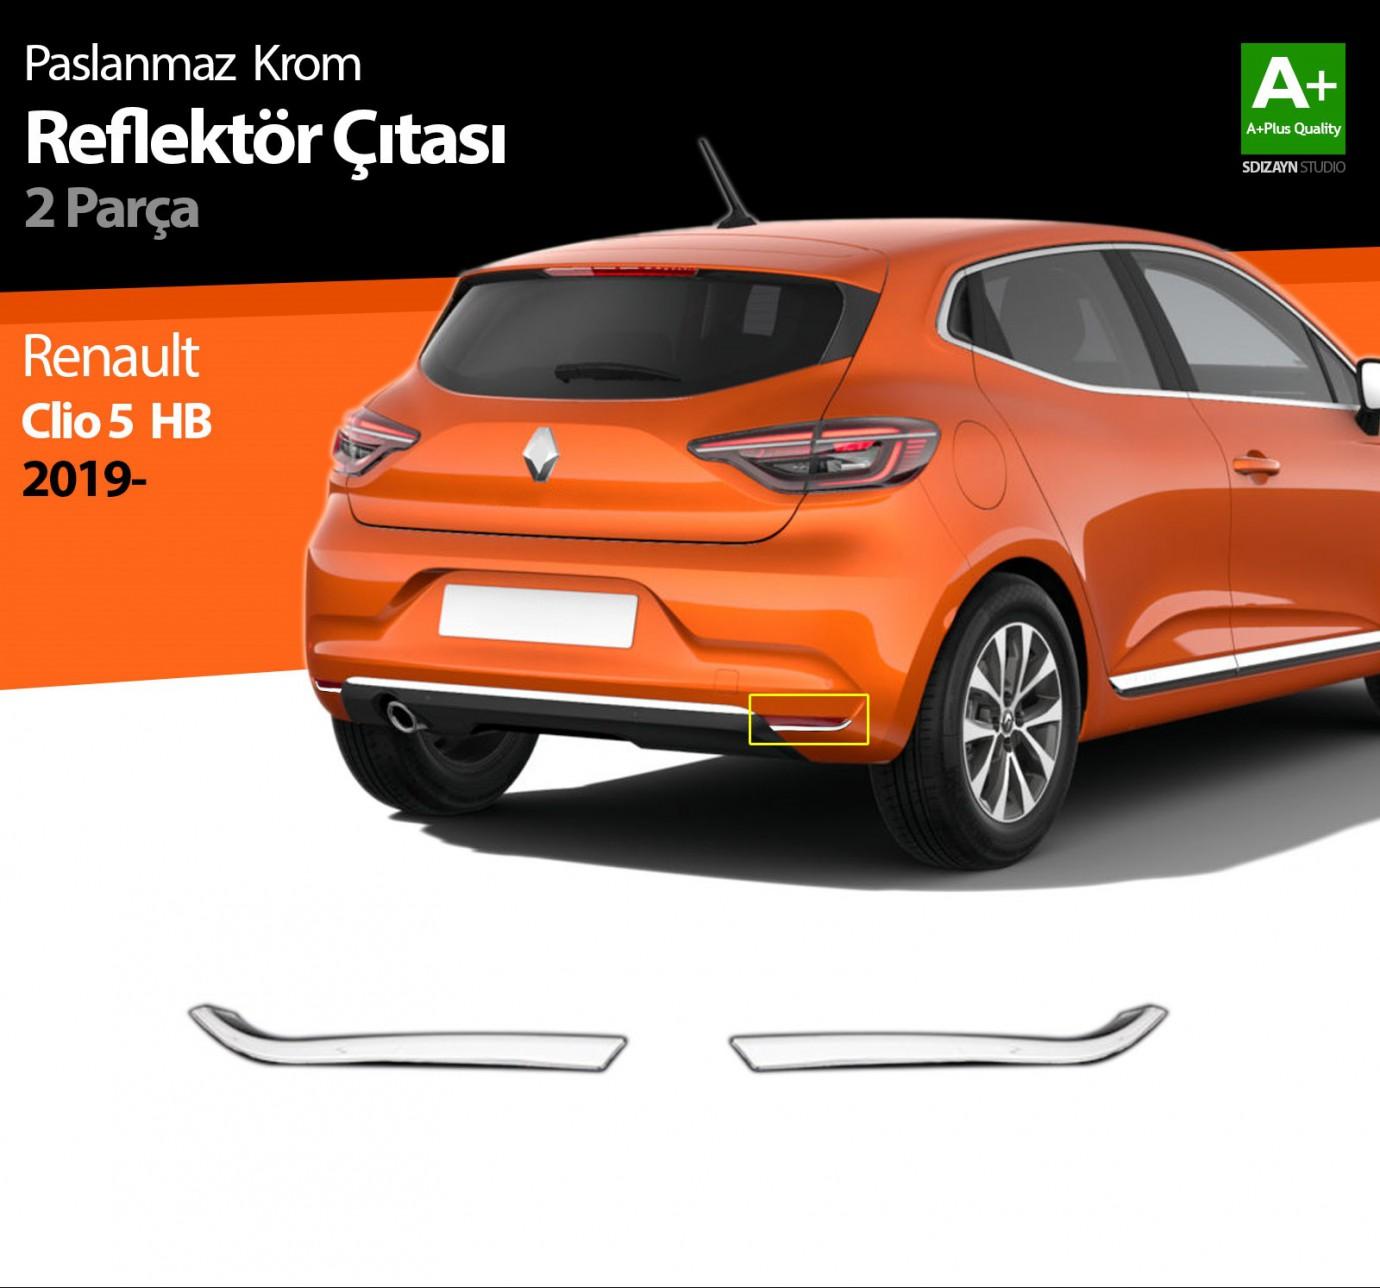 Renault Clio 5 Krom Reflektör Çıtası 2 Prç. 2019 ve Üzeri